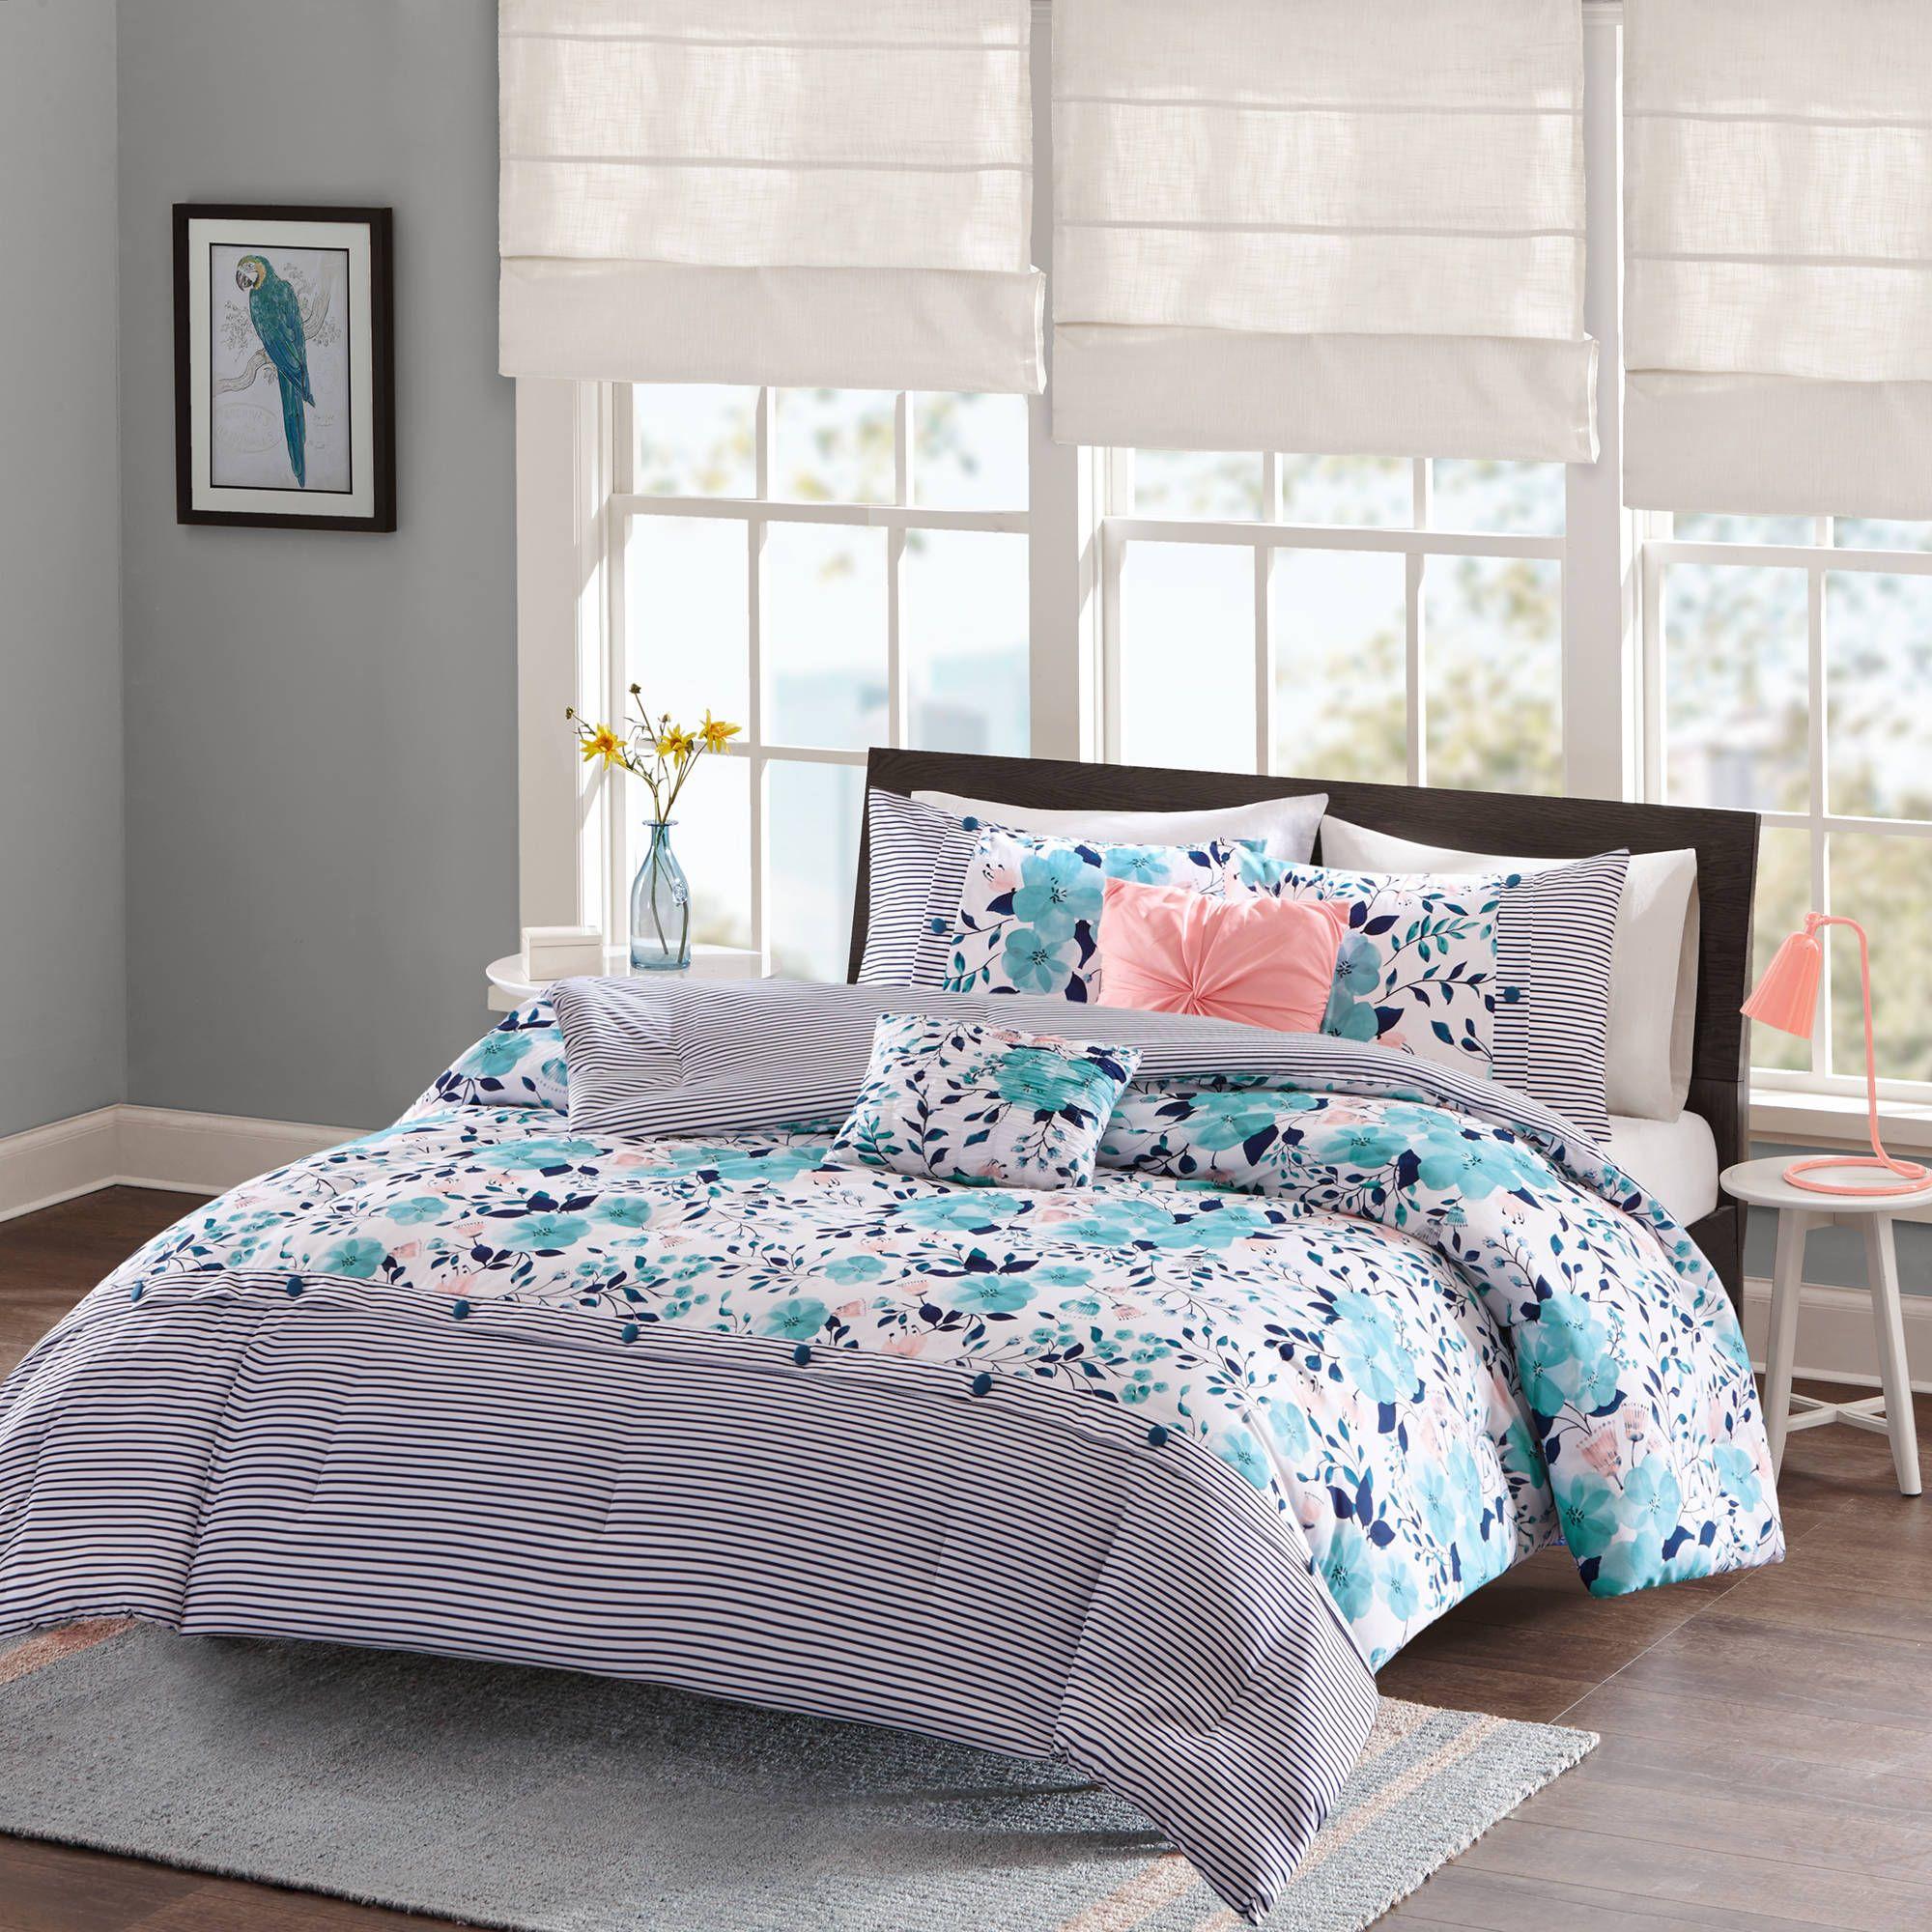 Full Size of Bettwäsche Teenager Tween Mdchen Trster Deckbett Stze Betten Für Sprüche Wohnzimmer Bettwäsche Teenager